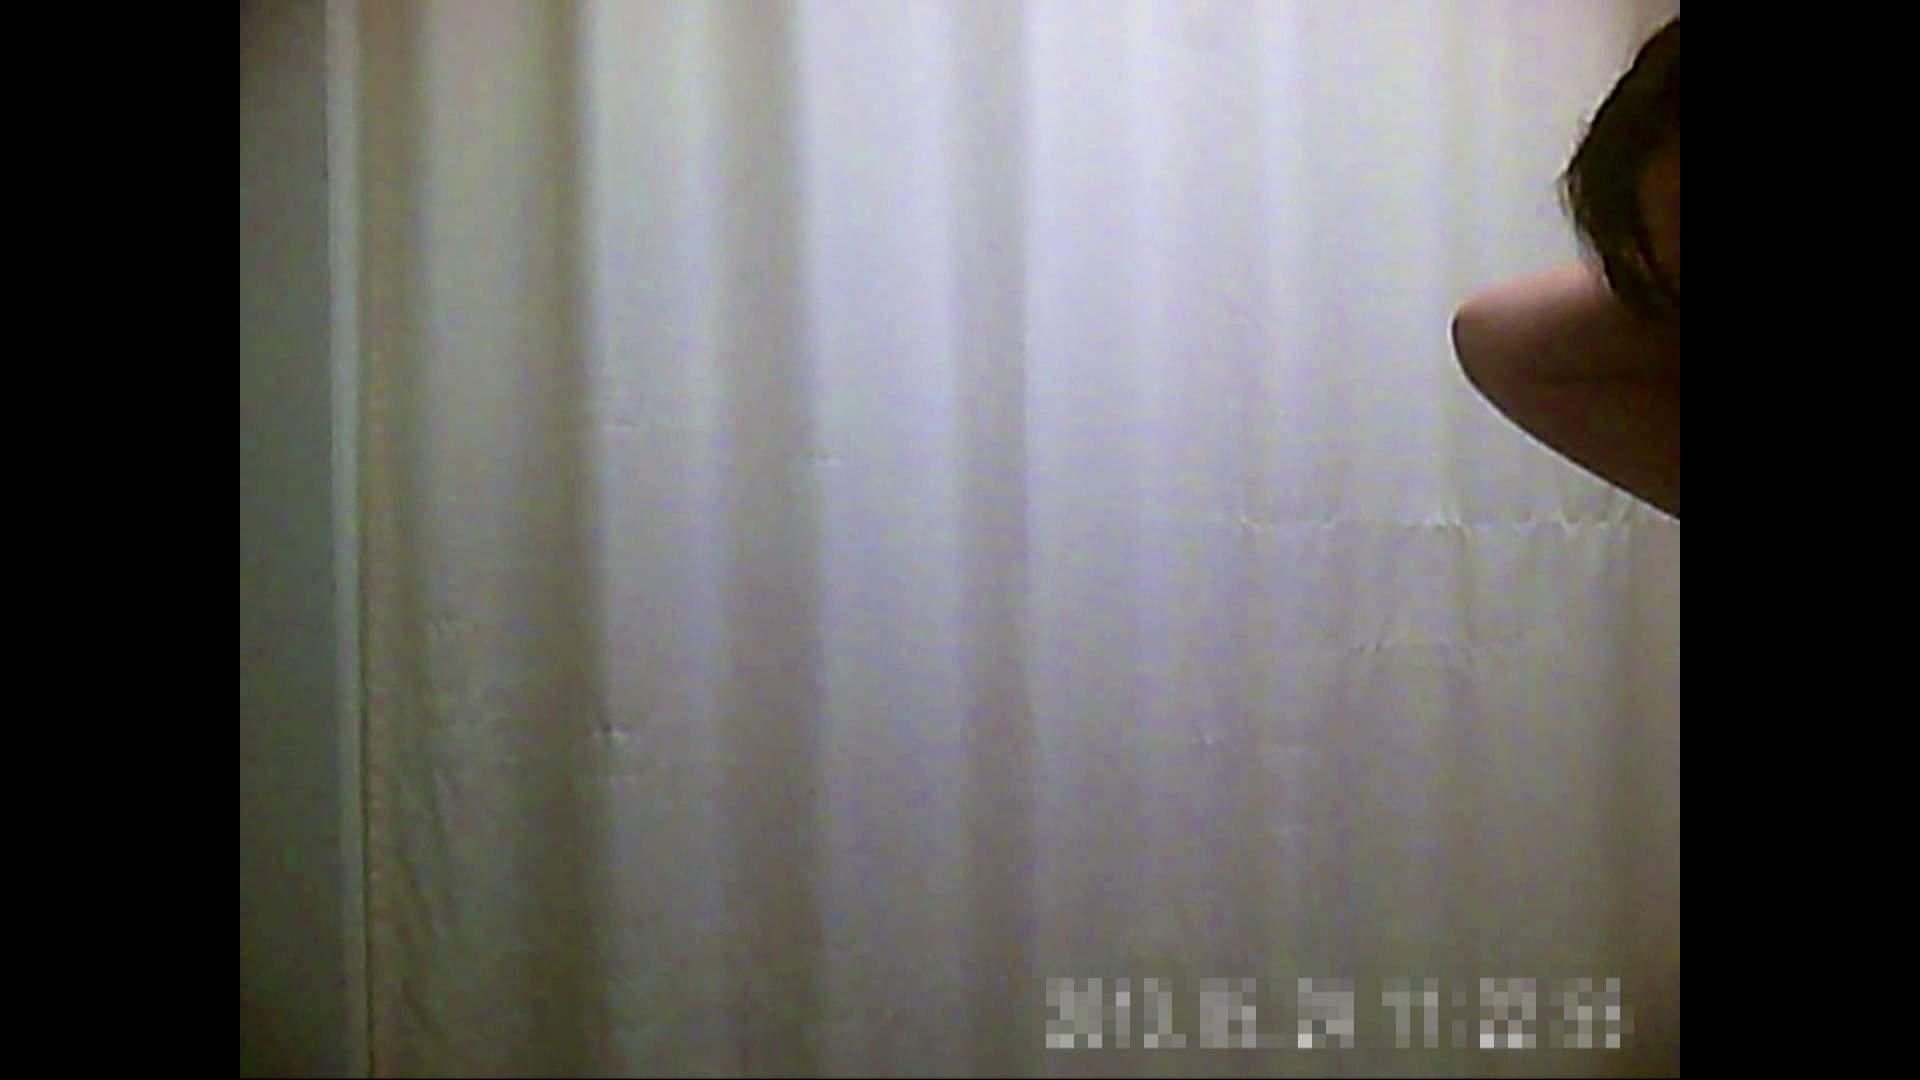 元医者による反抗 更衣室地獄絵巻 vol.044 OLハメ撮り  37Pix 27